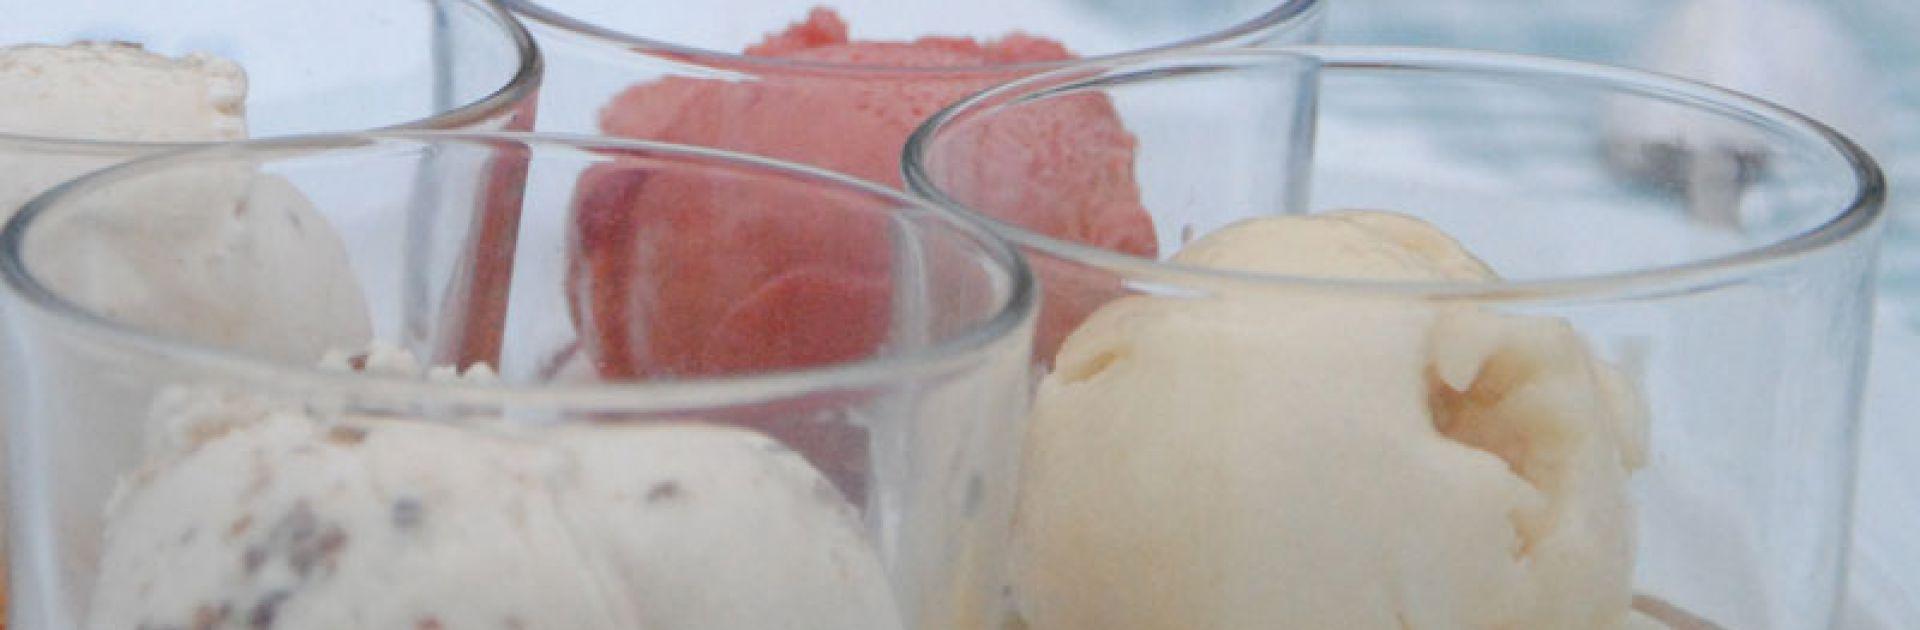 Ice, Glaces, Sorbets, vin de feste, liqueur